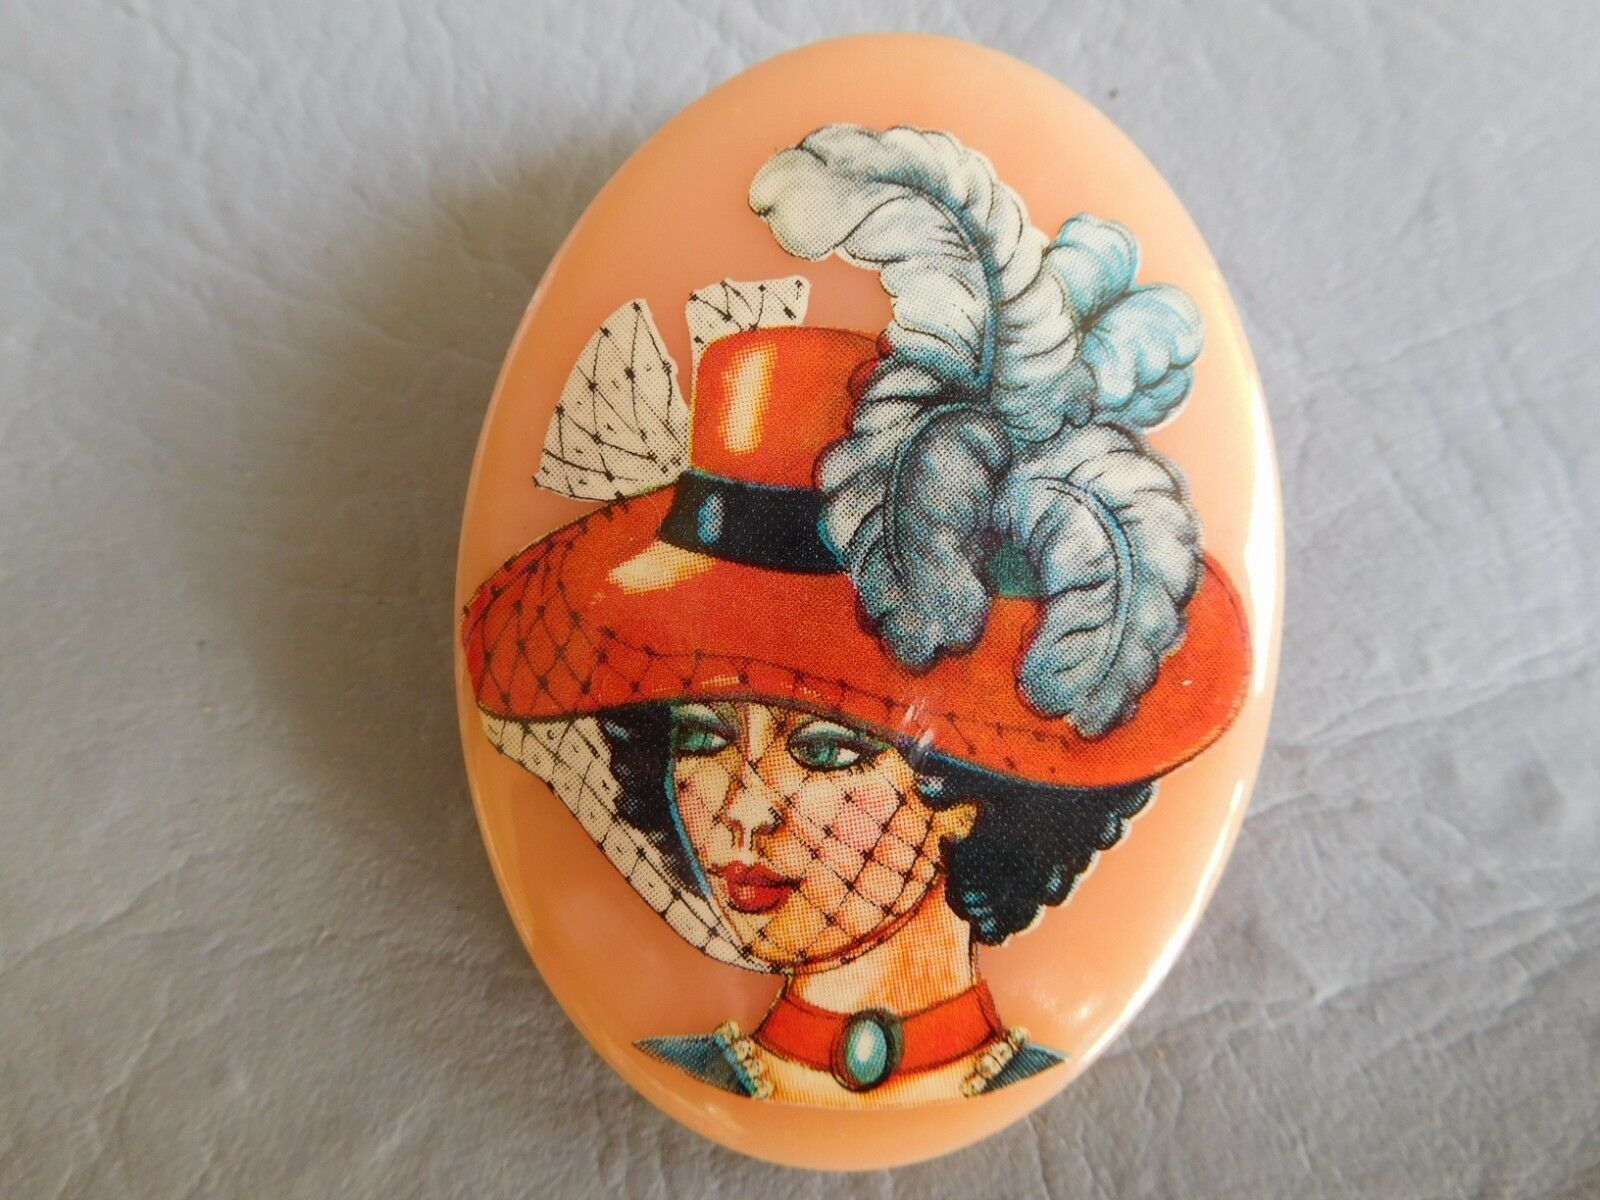 WESTERN GERMANY BROCHE ANCIENNE RHODOÏD arancia FEMME PORTRAIT PORTRAIT PORTRAIT VINTAGE BROOCH 631c82